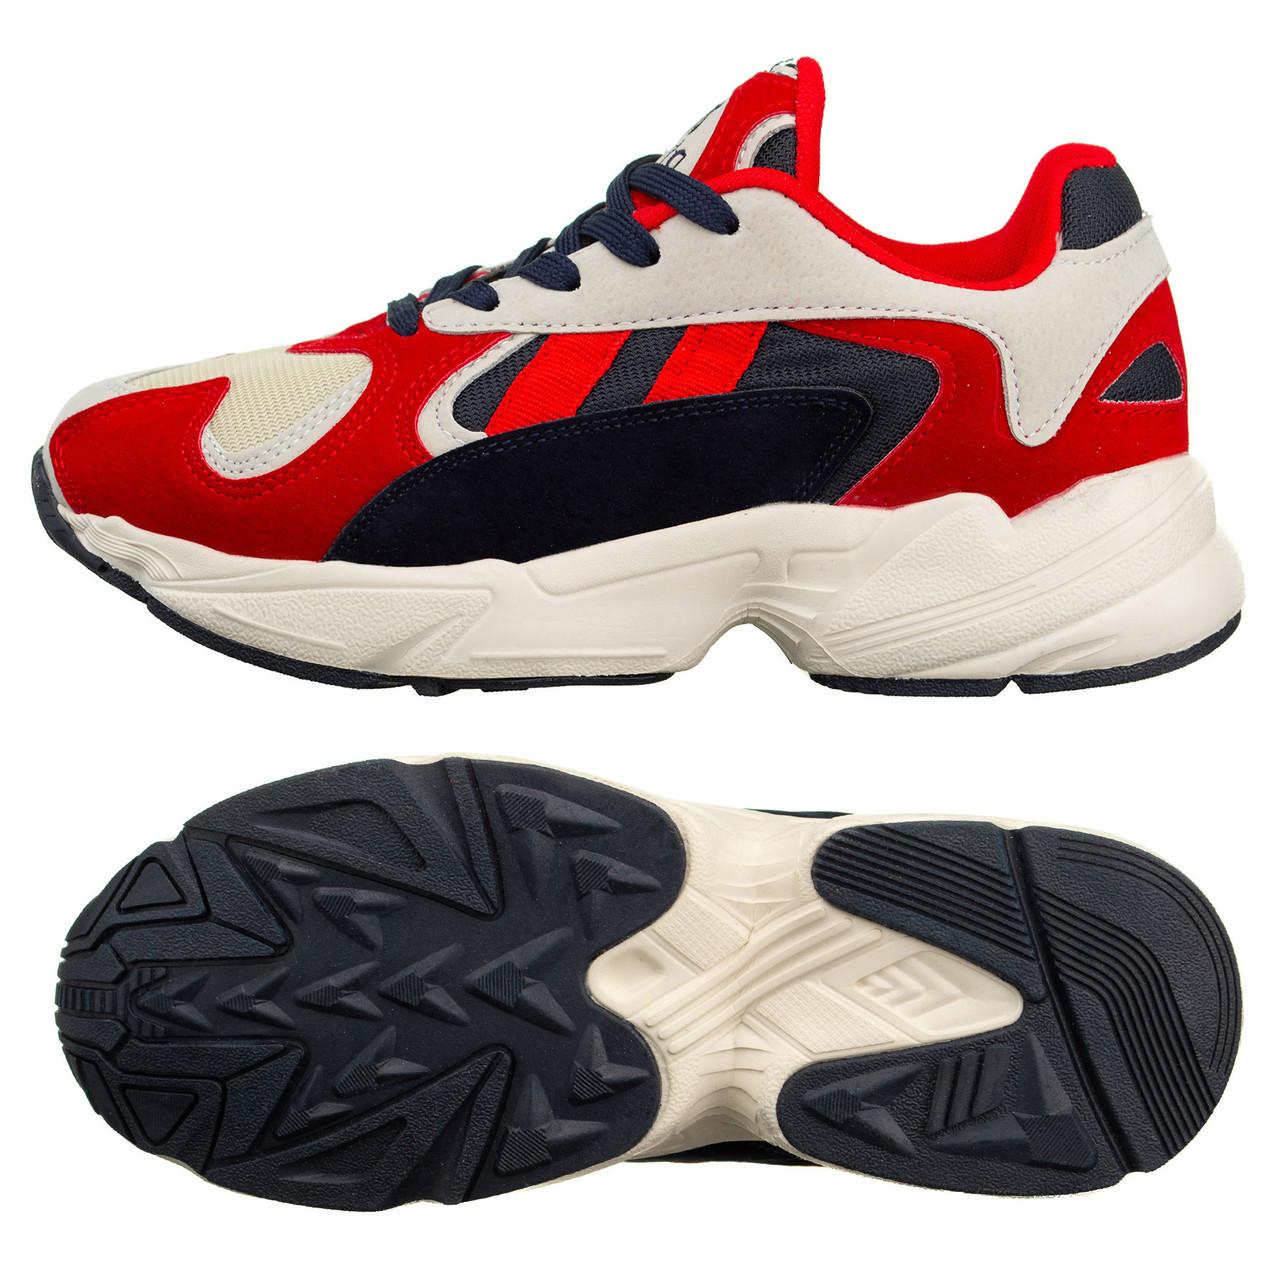 Жіночі кросівки Bayota 41 Red Blue